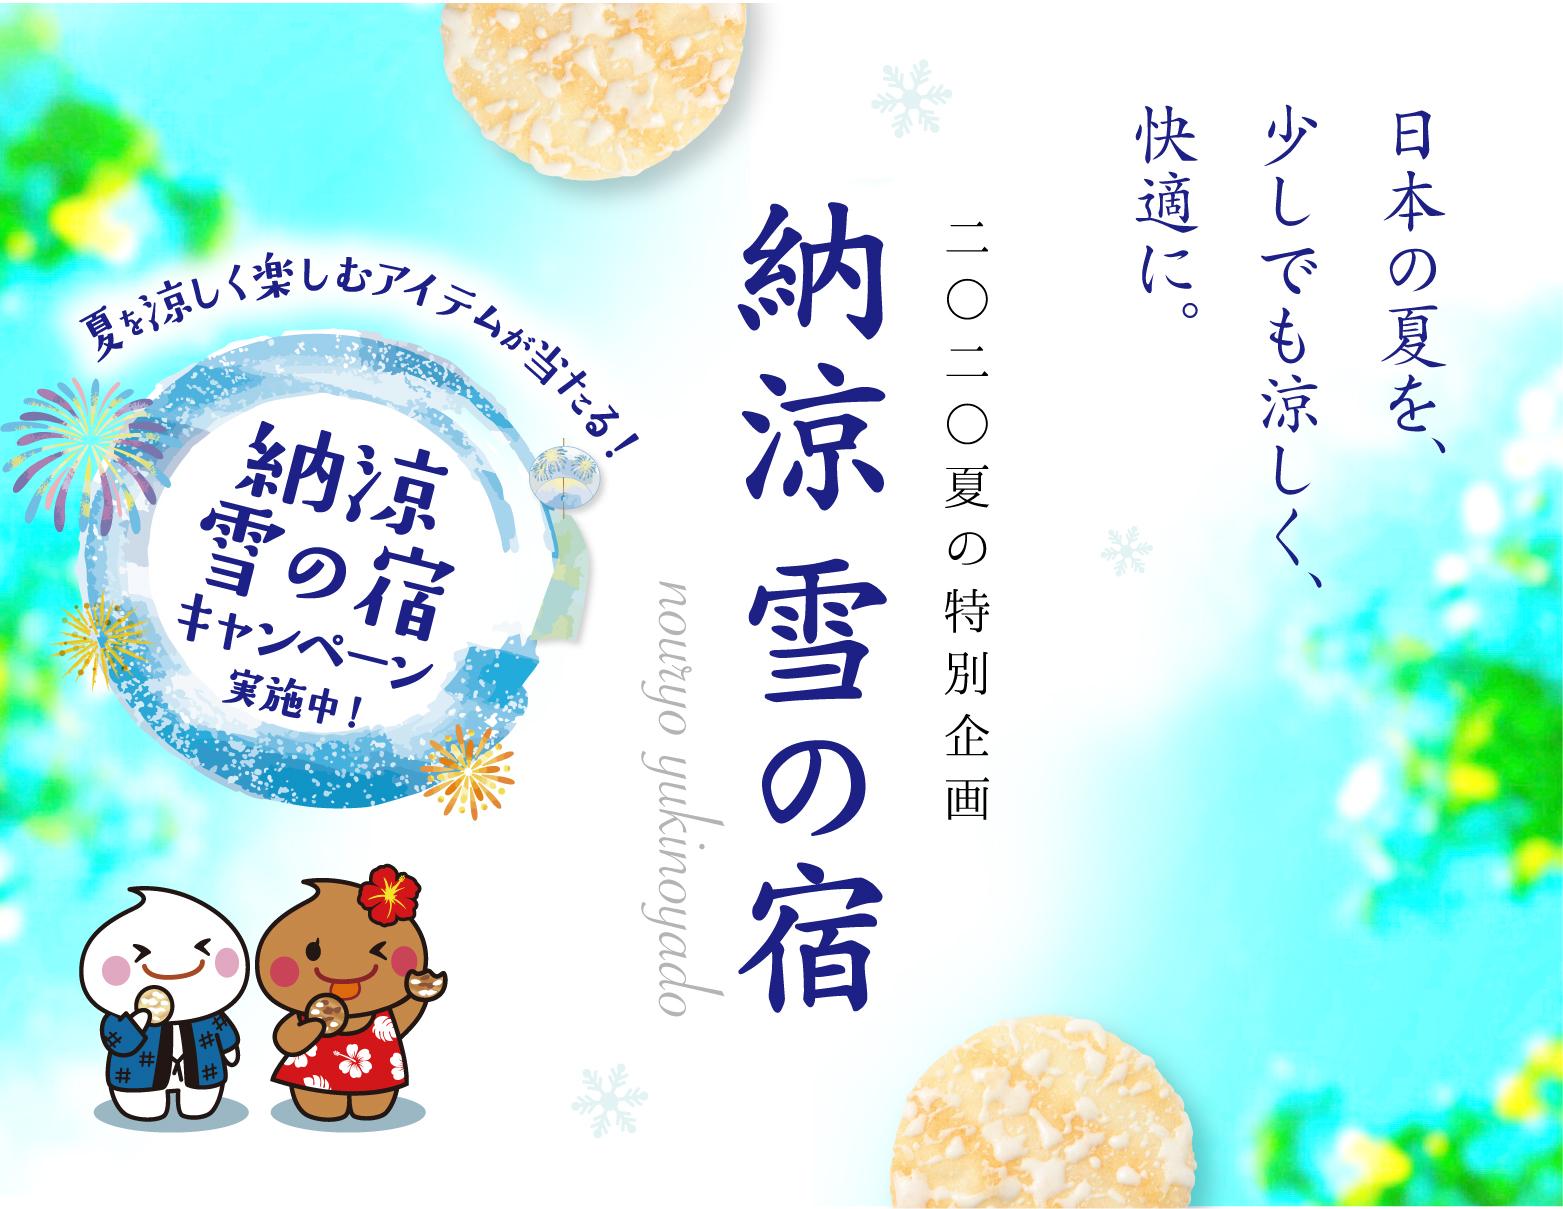 納涼雪の宿キャンペーン